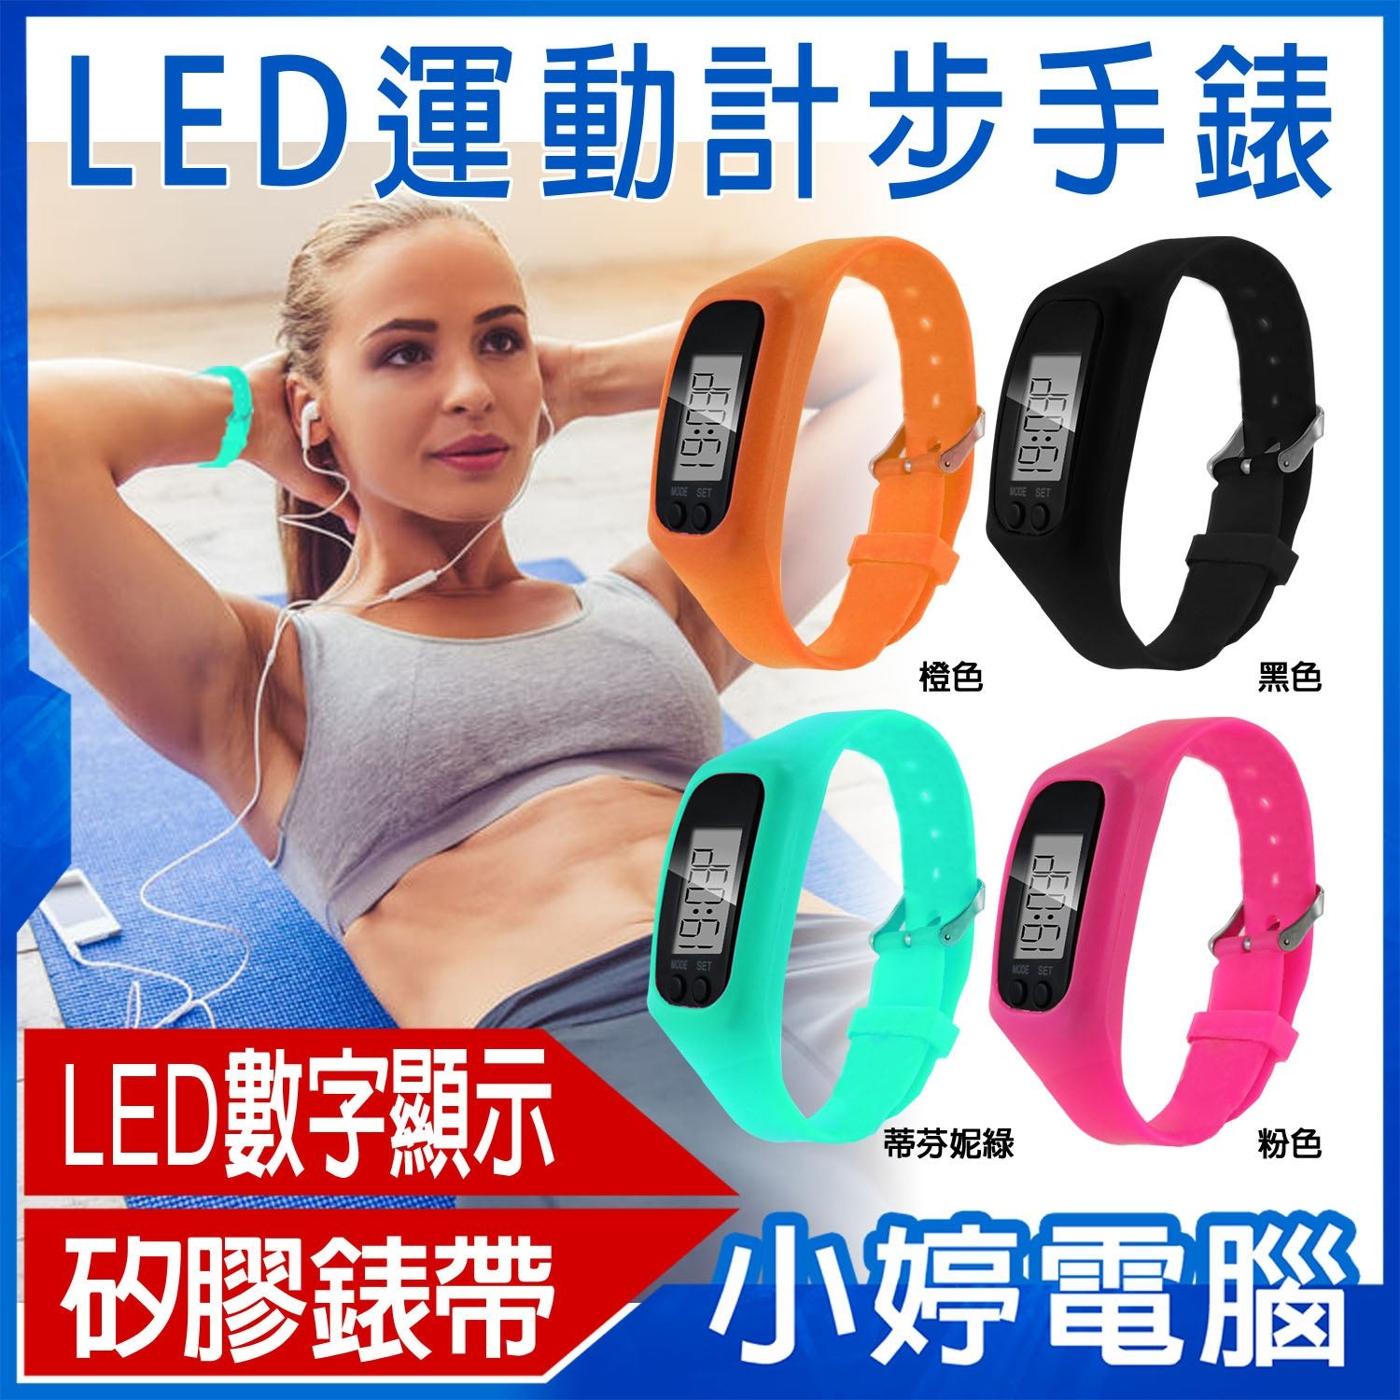 24期零利率全新LED運動計步手錶記錄熱量卡路里運動步伐時間顯示矽膠錶帶電量長效